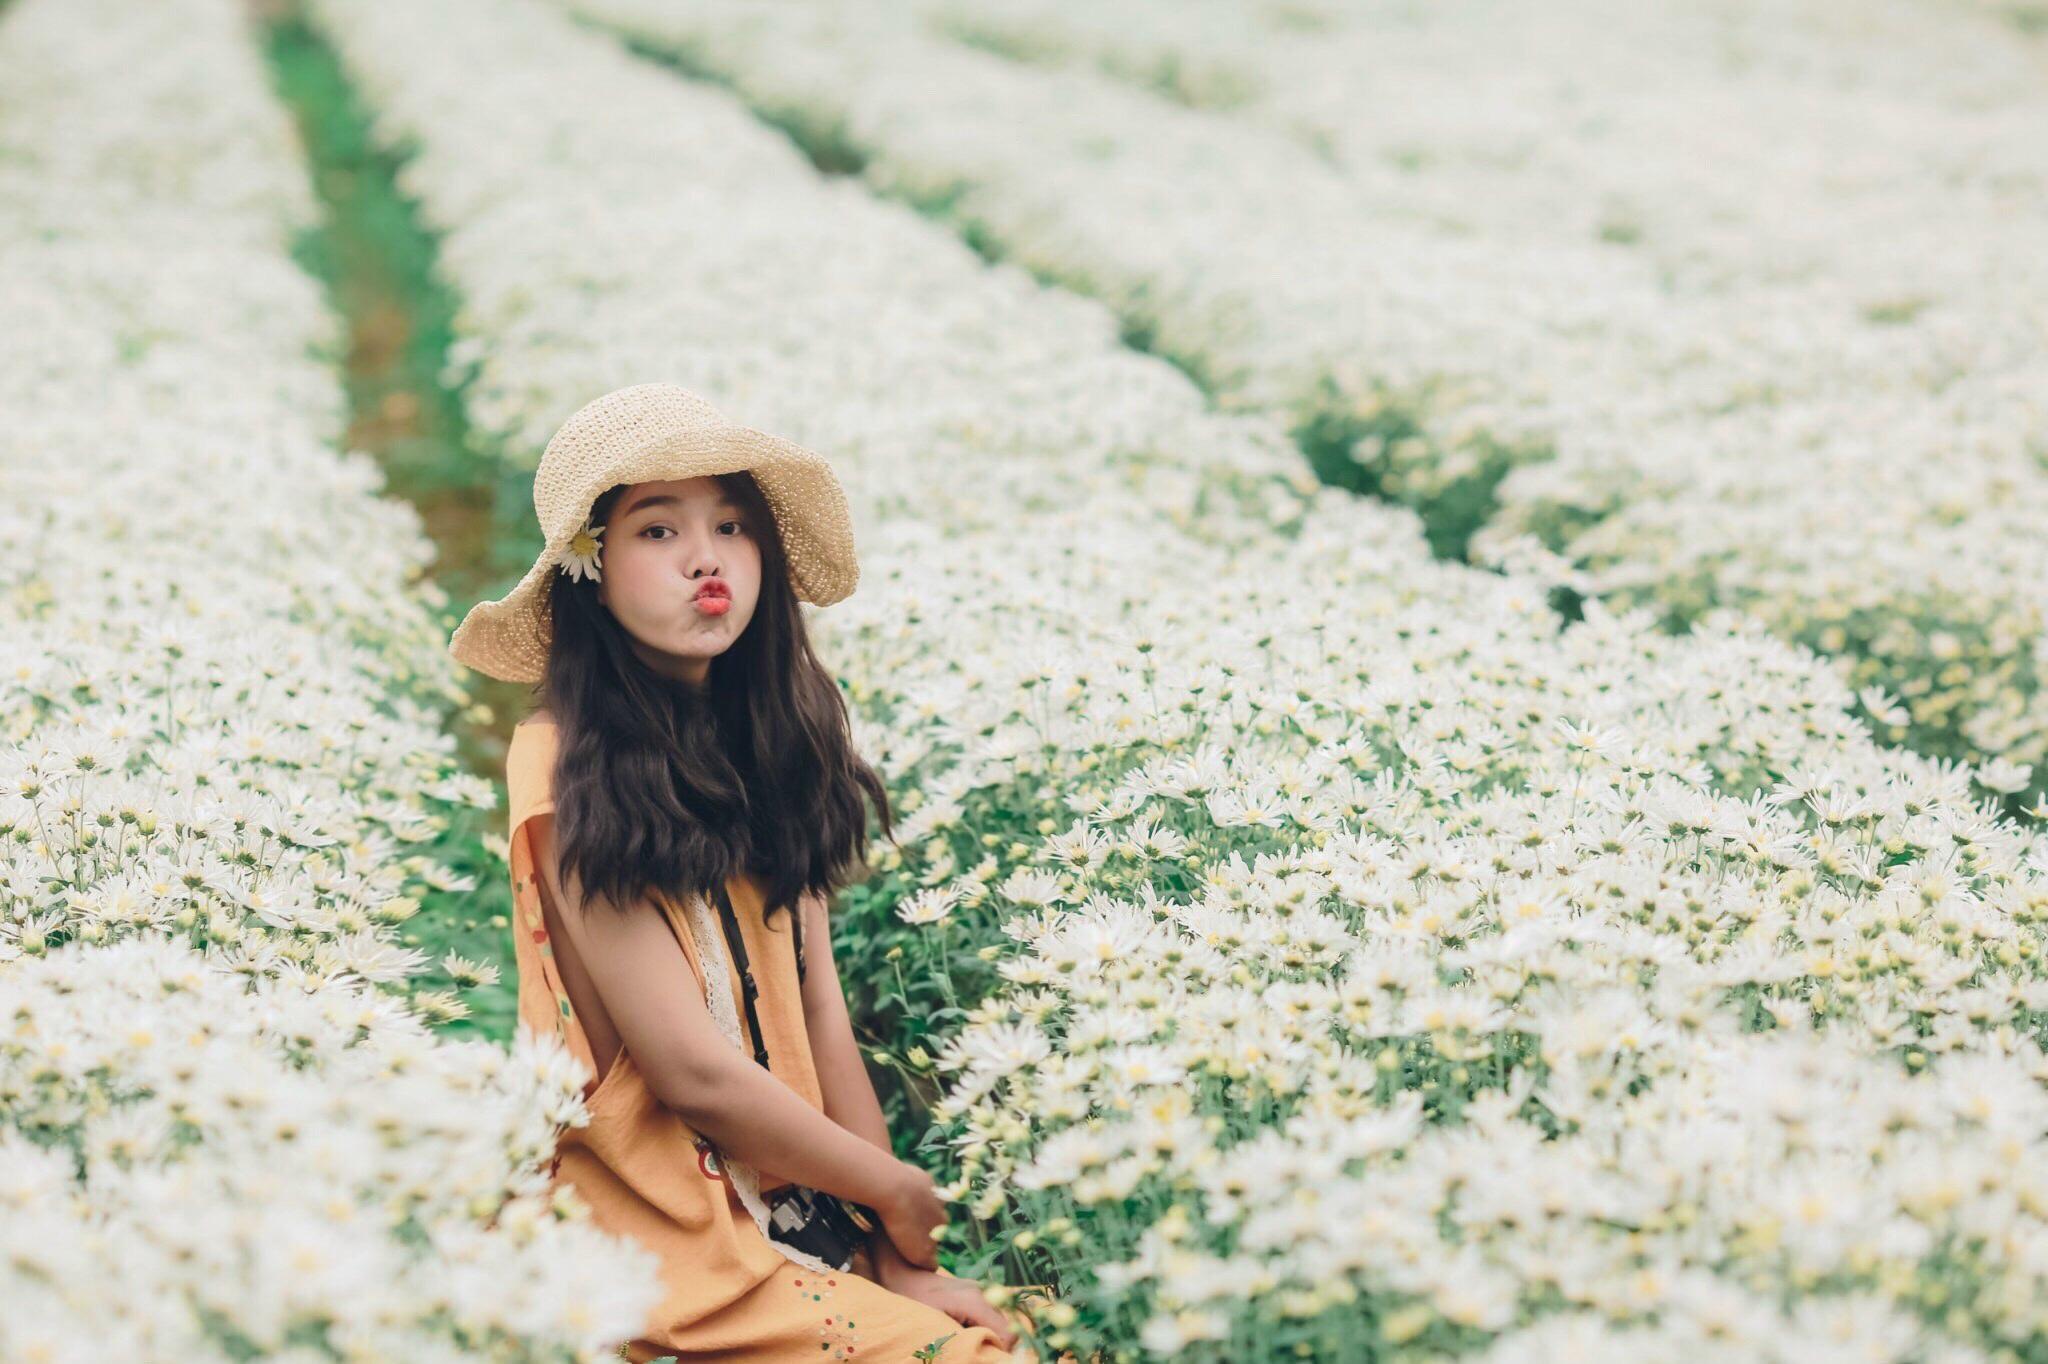 Ngẩn ngơ ngắm cánh đồng cúc họa mi giữa cao nguyên Mộc Châu - 15